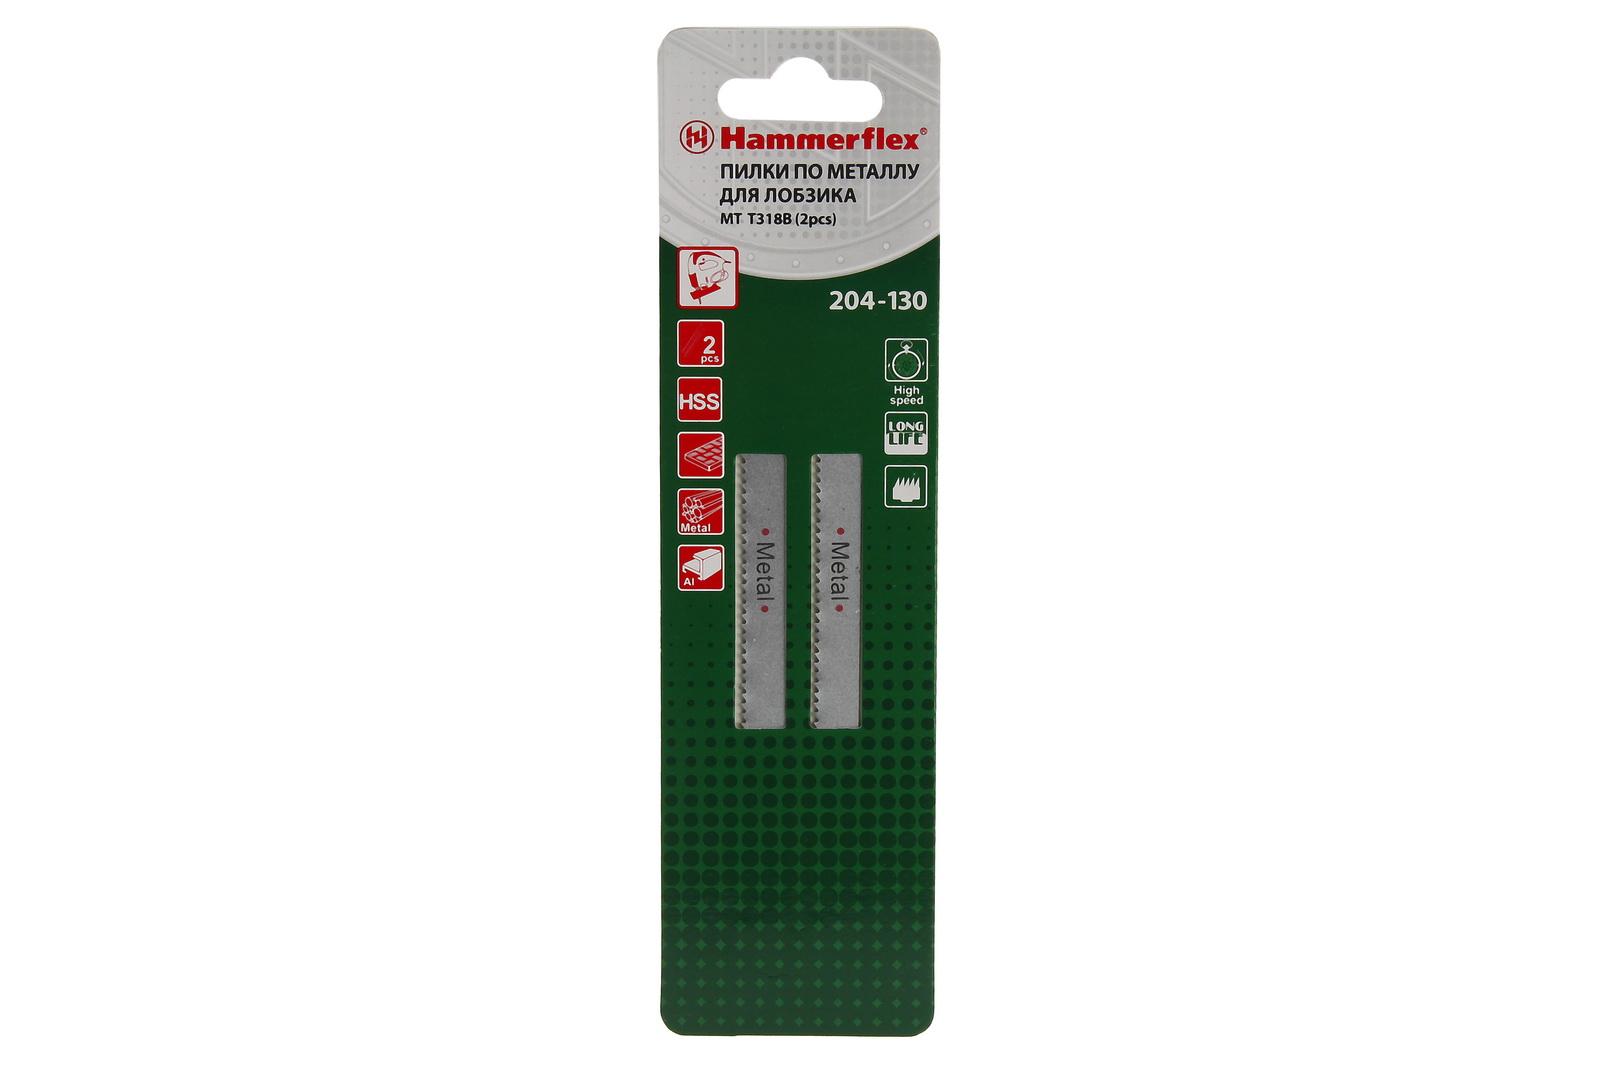 Пилки для лобзика Hammer 204-130 jg mt t318b (2 шт.) пилки для лобзика по металлу для прямых пропилов bosch t118a 1 3 мм 5 шт